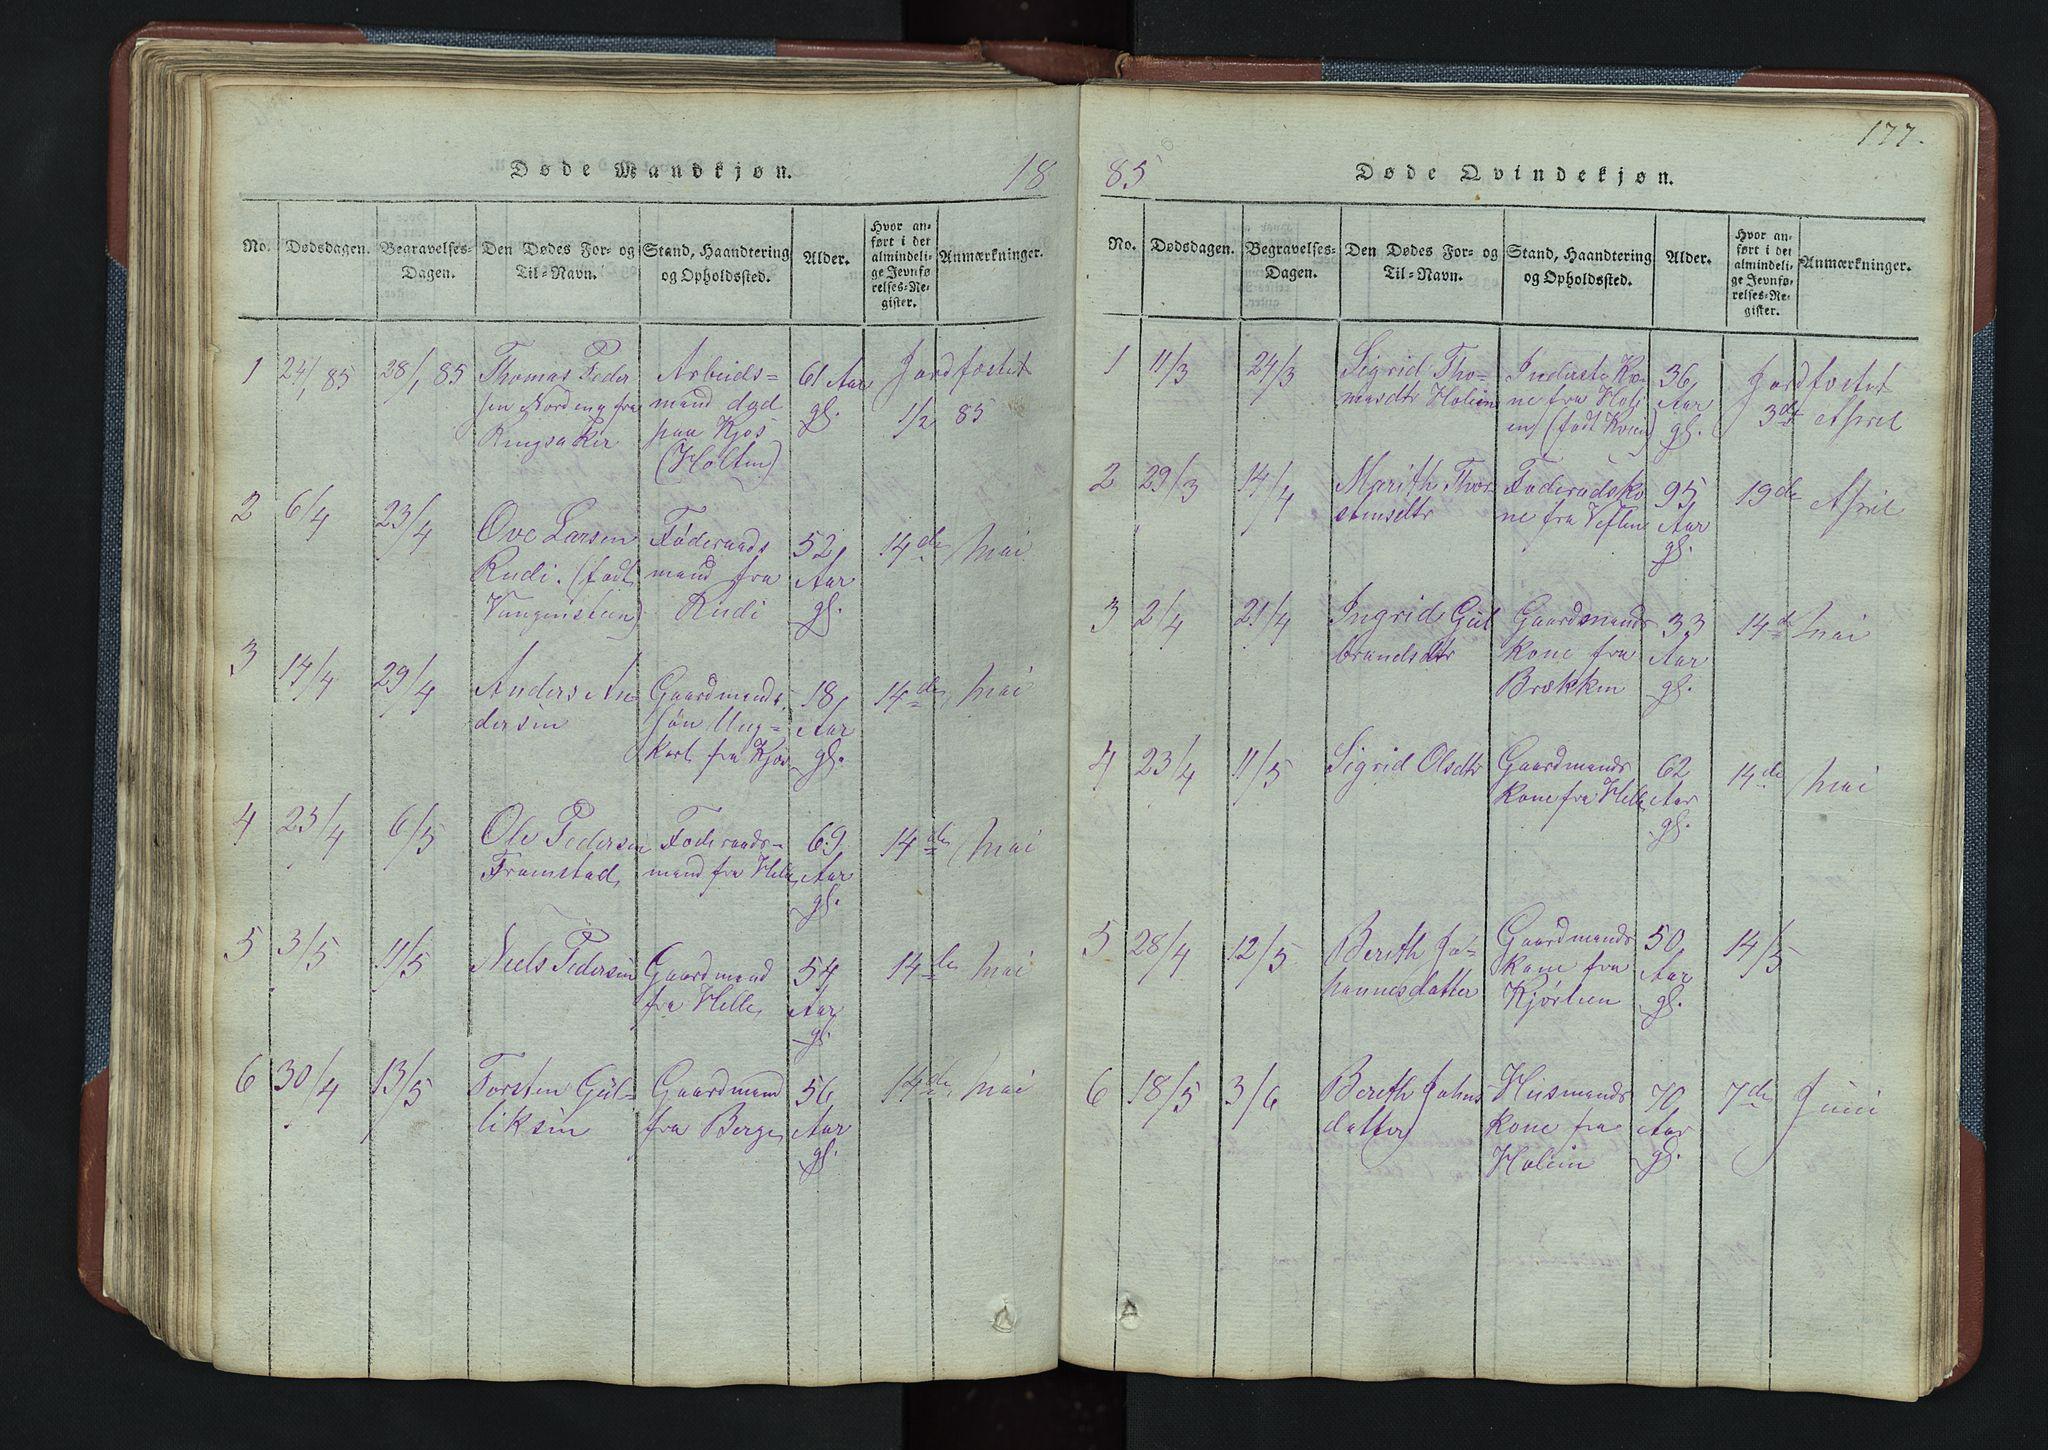 SAH, Vang prestekontor, Valdres, Klokkerbok nr. 3, 1814-1892, s. 177